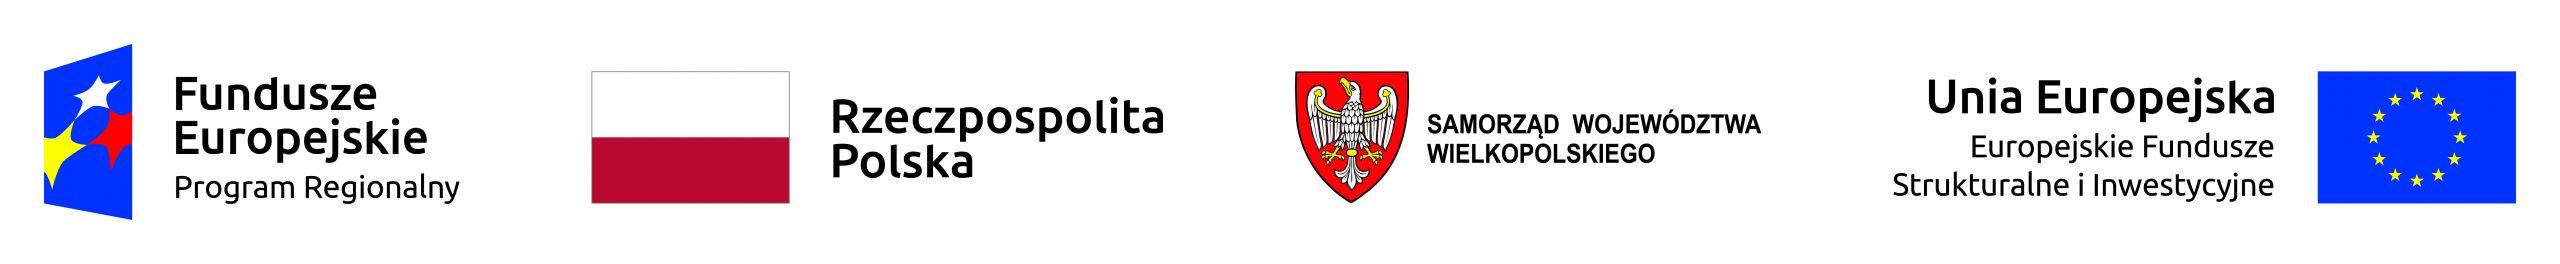 Obraz ukazujący następujące loga: Fundusze Europejskie Program Regionalny, Rzeczpospolita Polska, Samorząd Województwa Wielkopolskiego i Unia Europejska